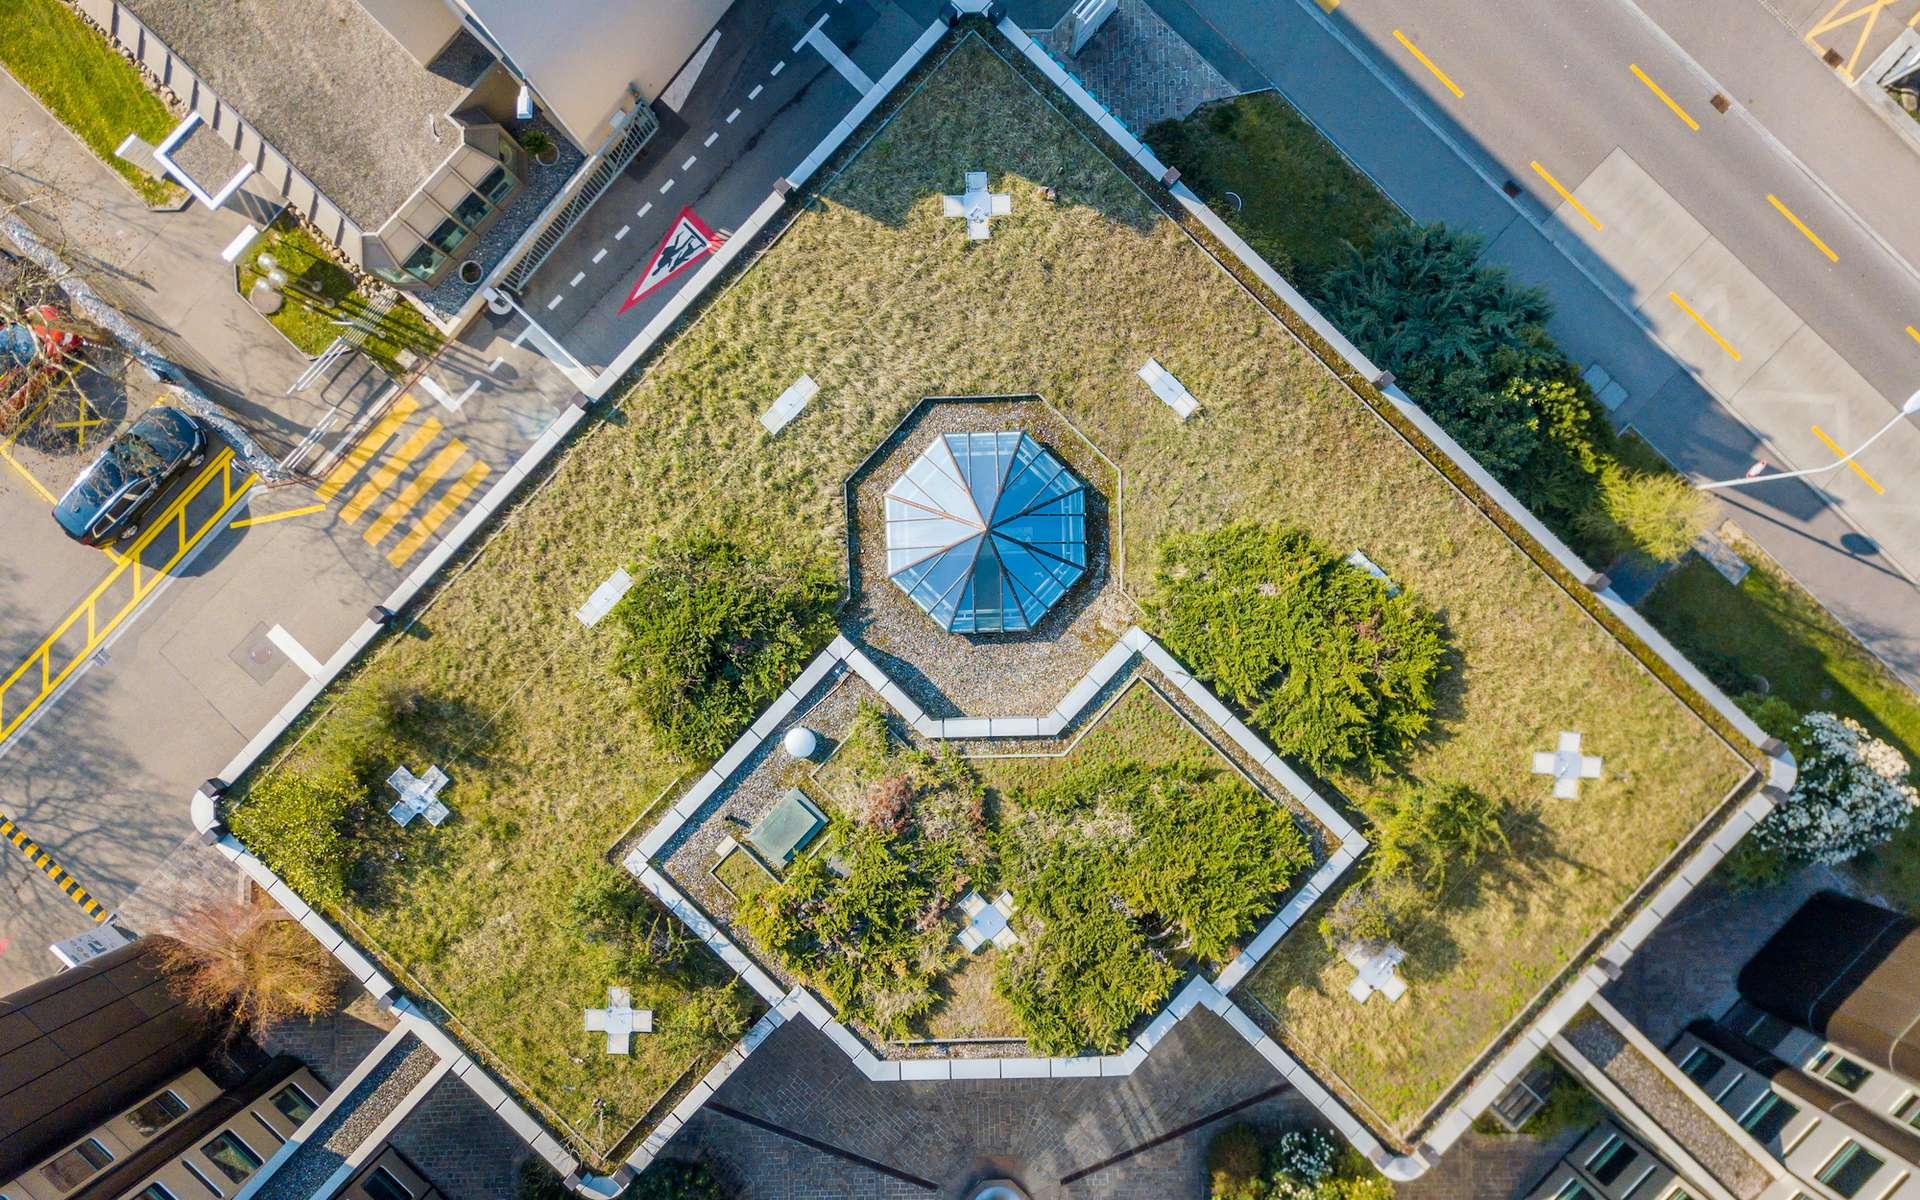 Jardins urbains : un potentiel sous-exploité pour la culture de fruits et légumes. © Mario, Adobe Stock